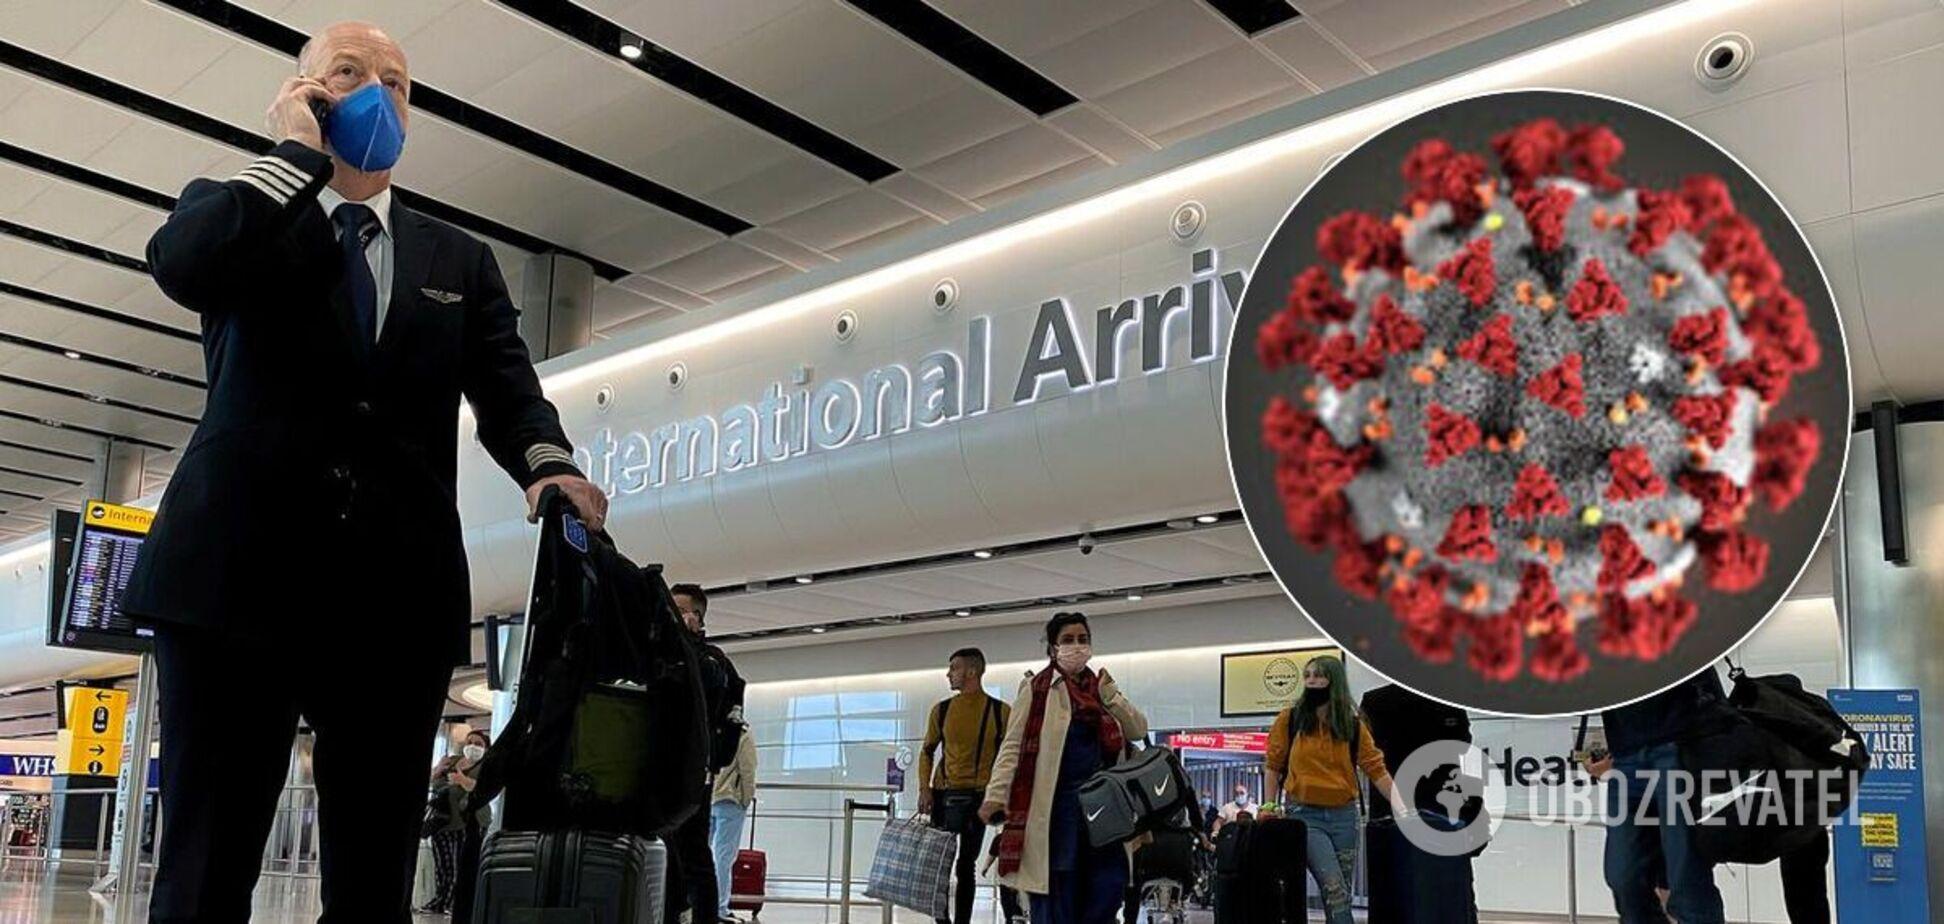 Более 20 стран закрыли авиаперелеты с Британией из-за мутировавшего коронавируса